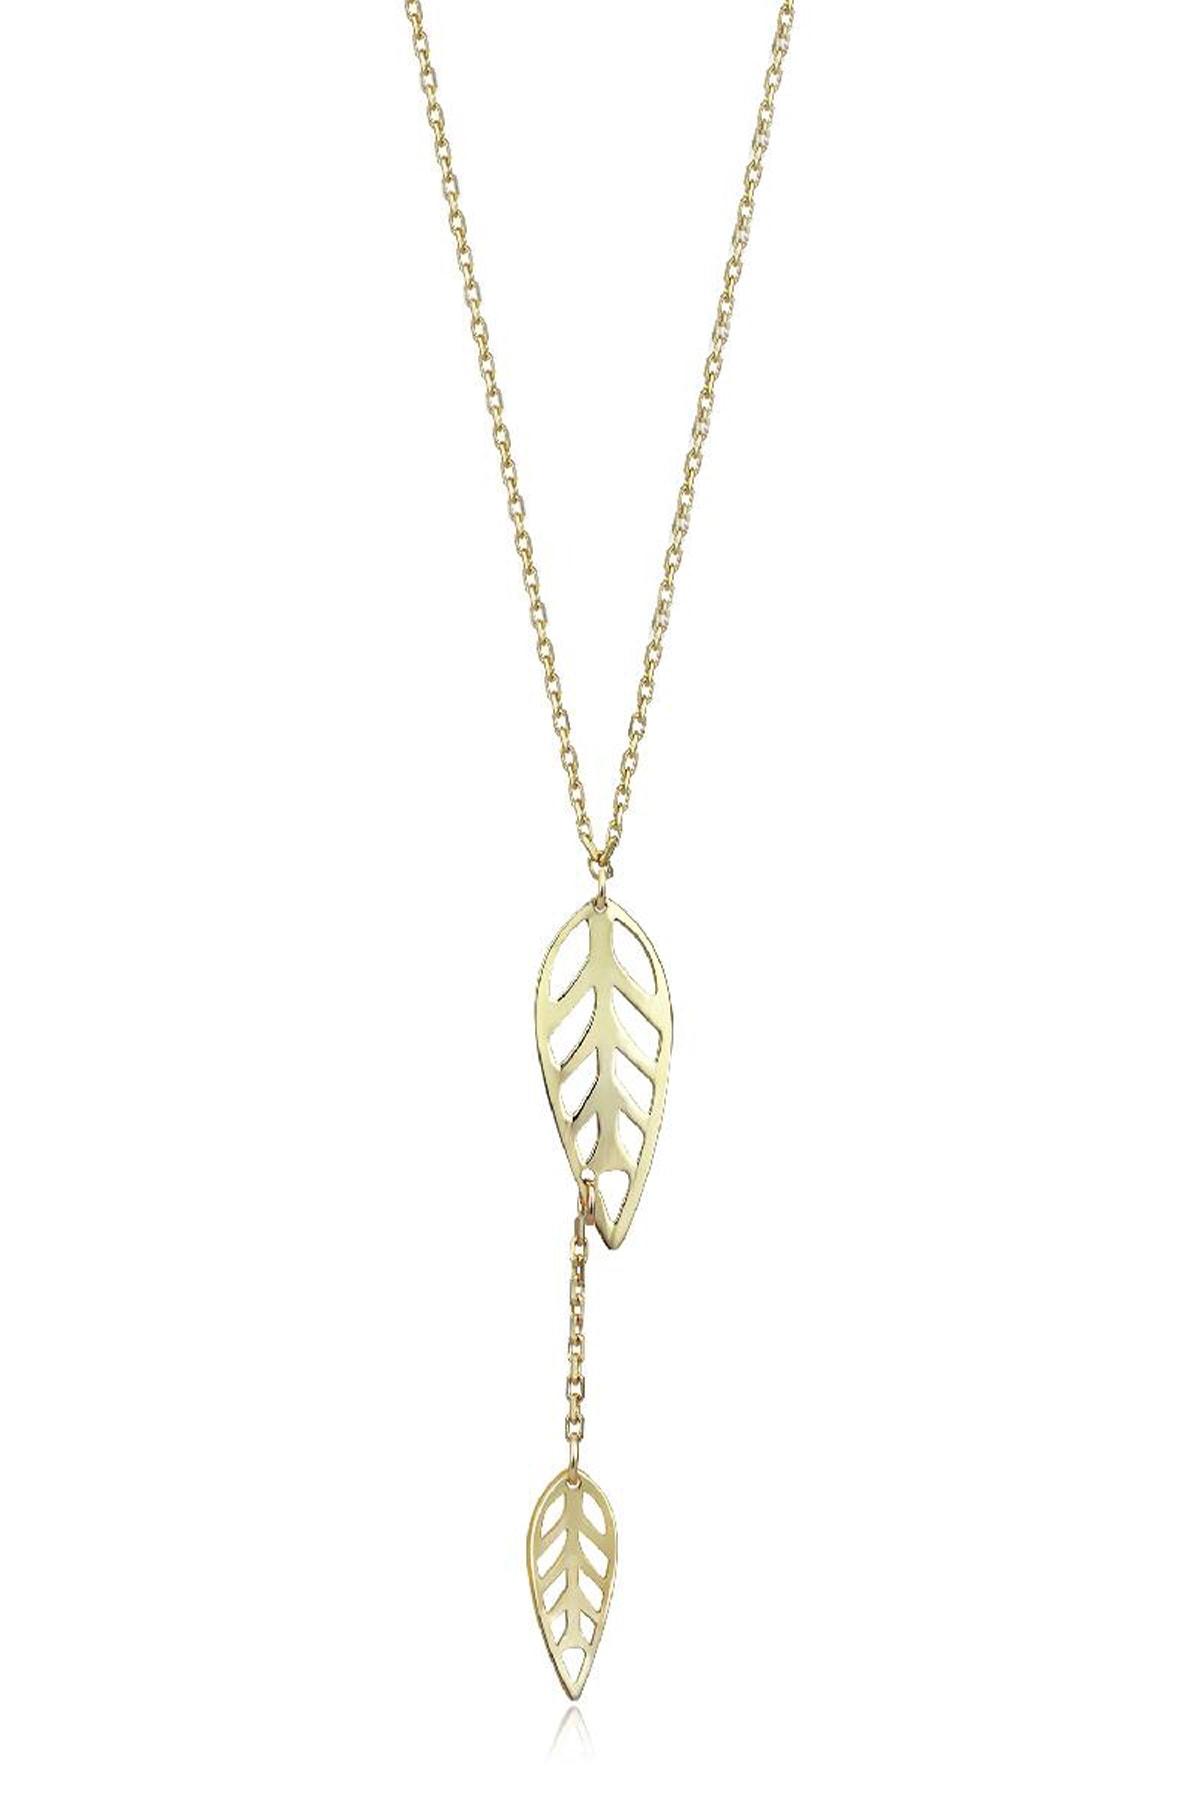 Altınbaş Kadın Altın Yaprak Kolye KLMK7072-24754 1